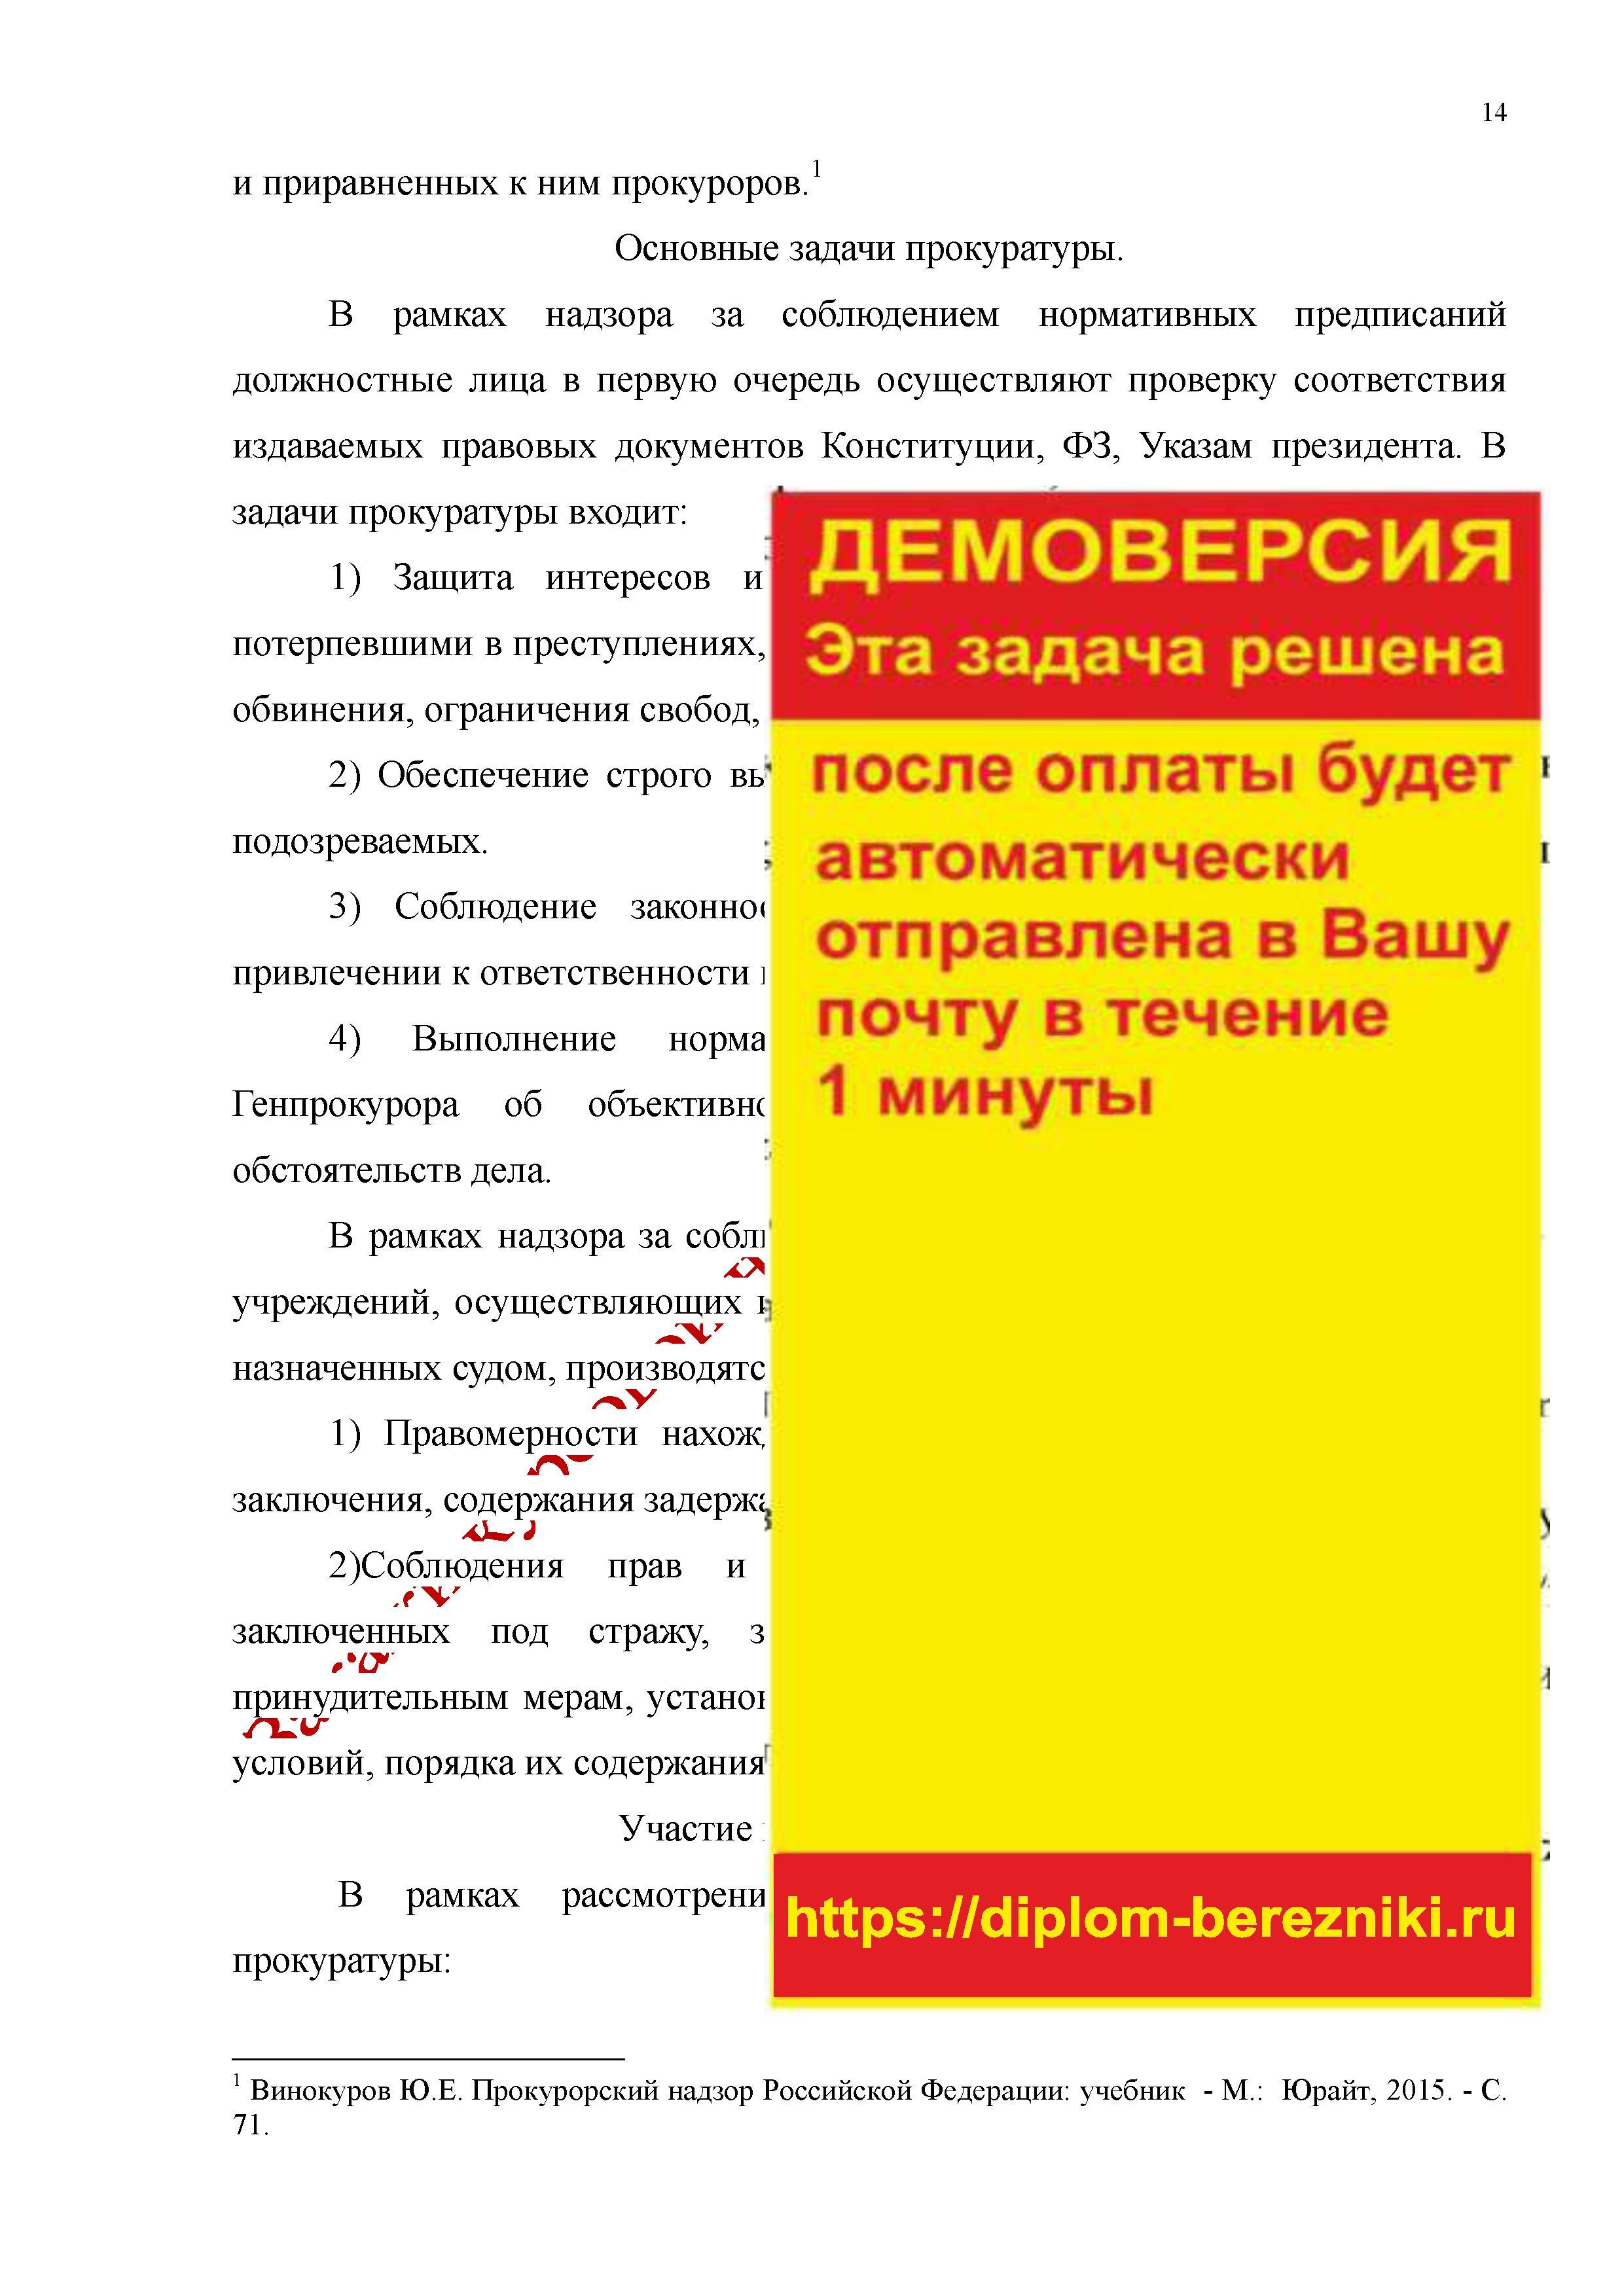 Целью исследования является задачи и принципы деятельности прокуратуры в Российской Федерации